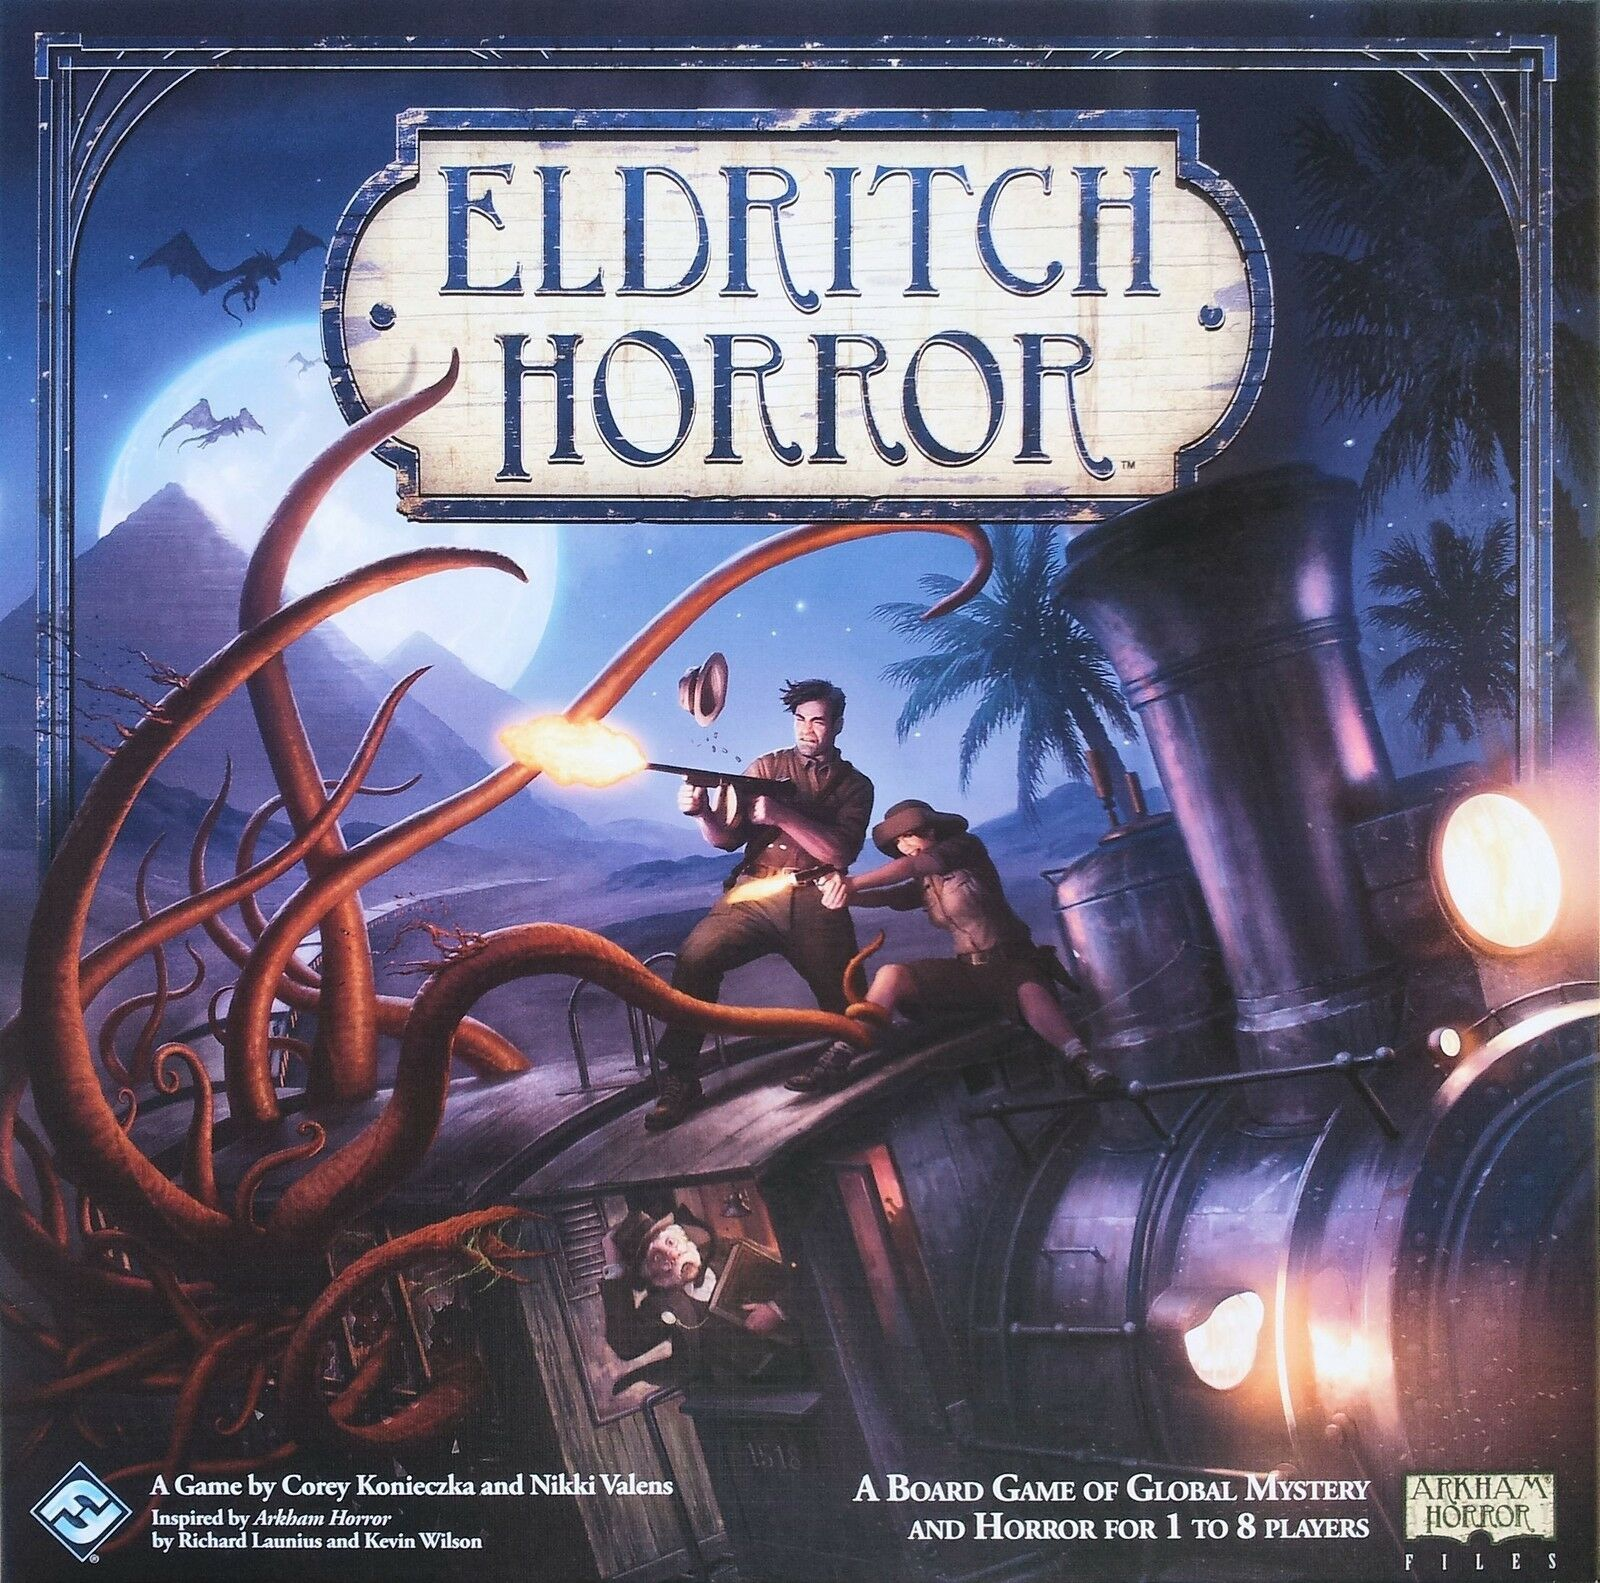 Gespenstische horror - fantasy flight games - neues brettspiel